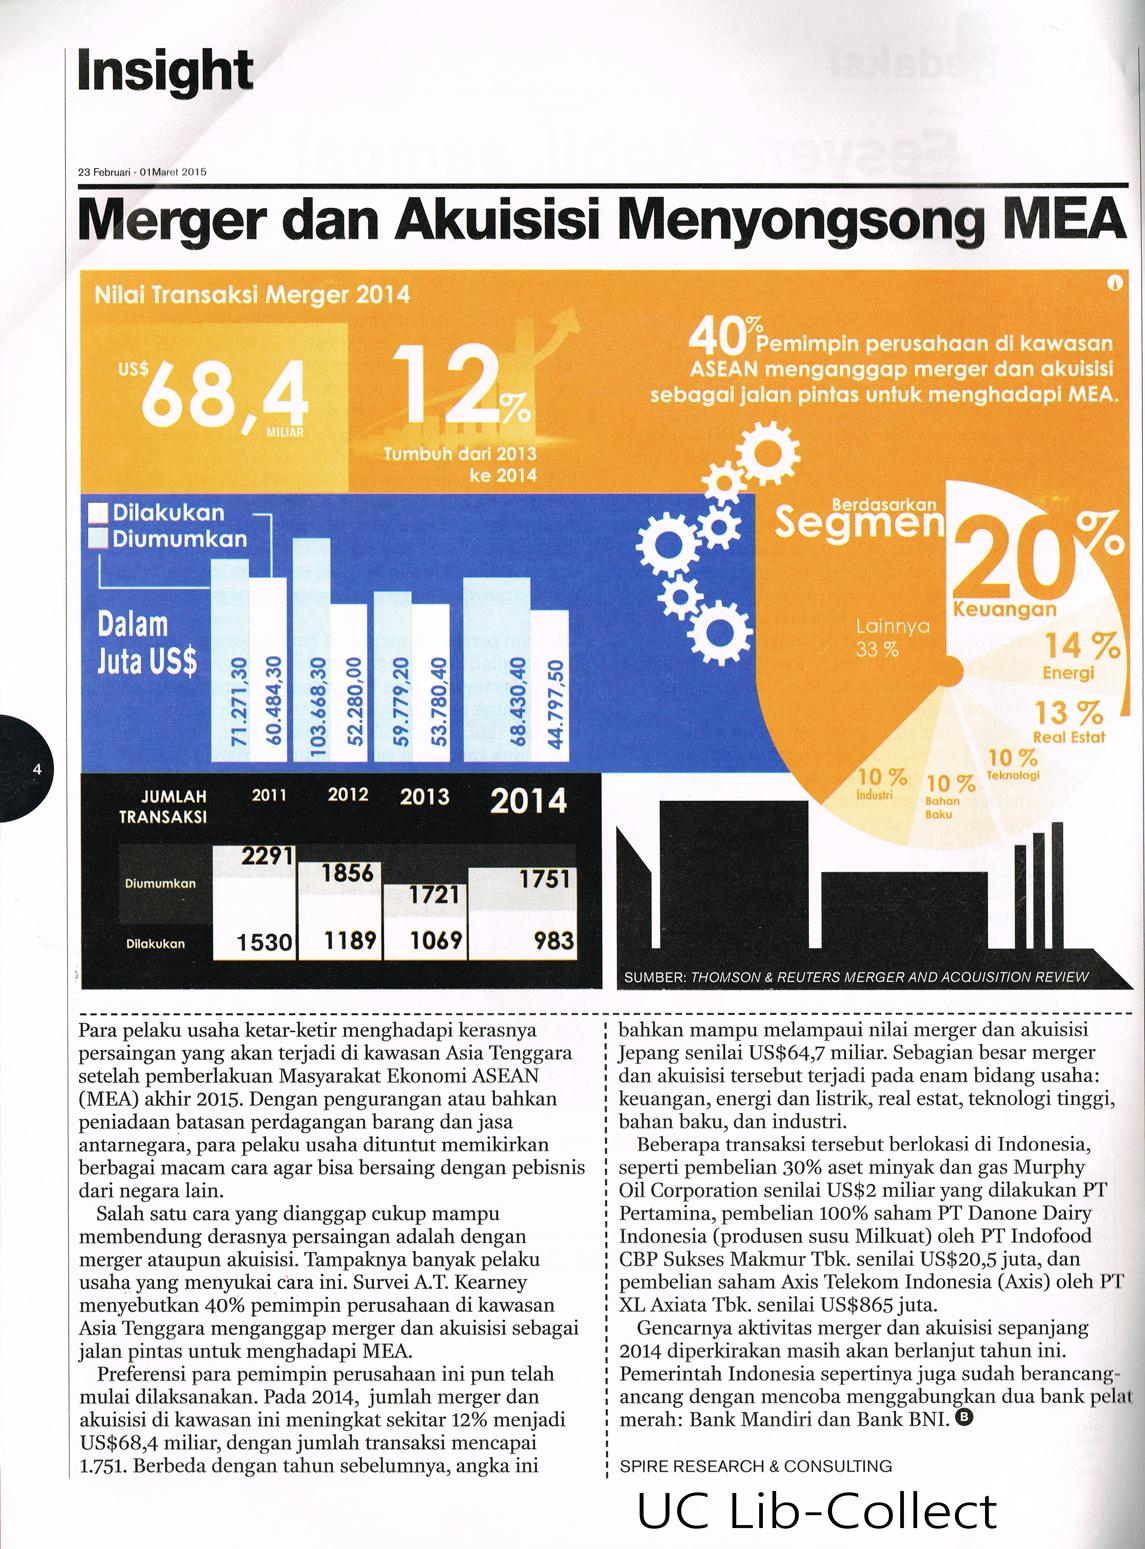 Merger-dan-Akuisisi-Menyongsong-MEA.Bloomberg-Businessweek-eds-23Feb-01Mar.2015.pg-4